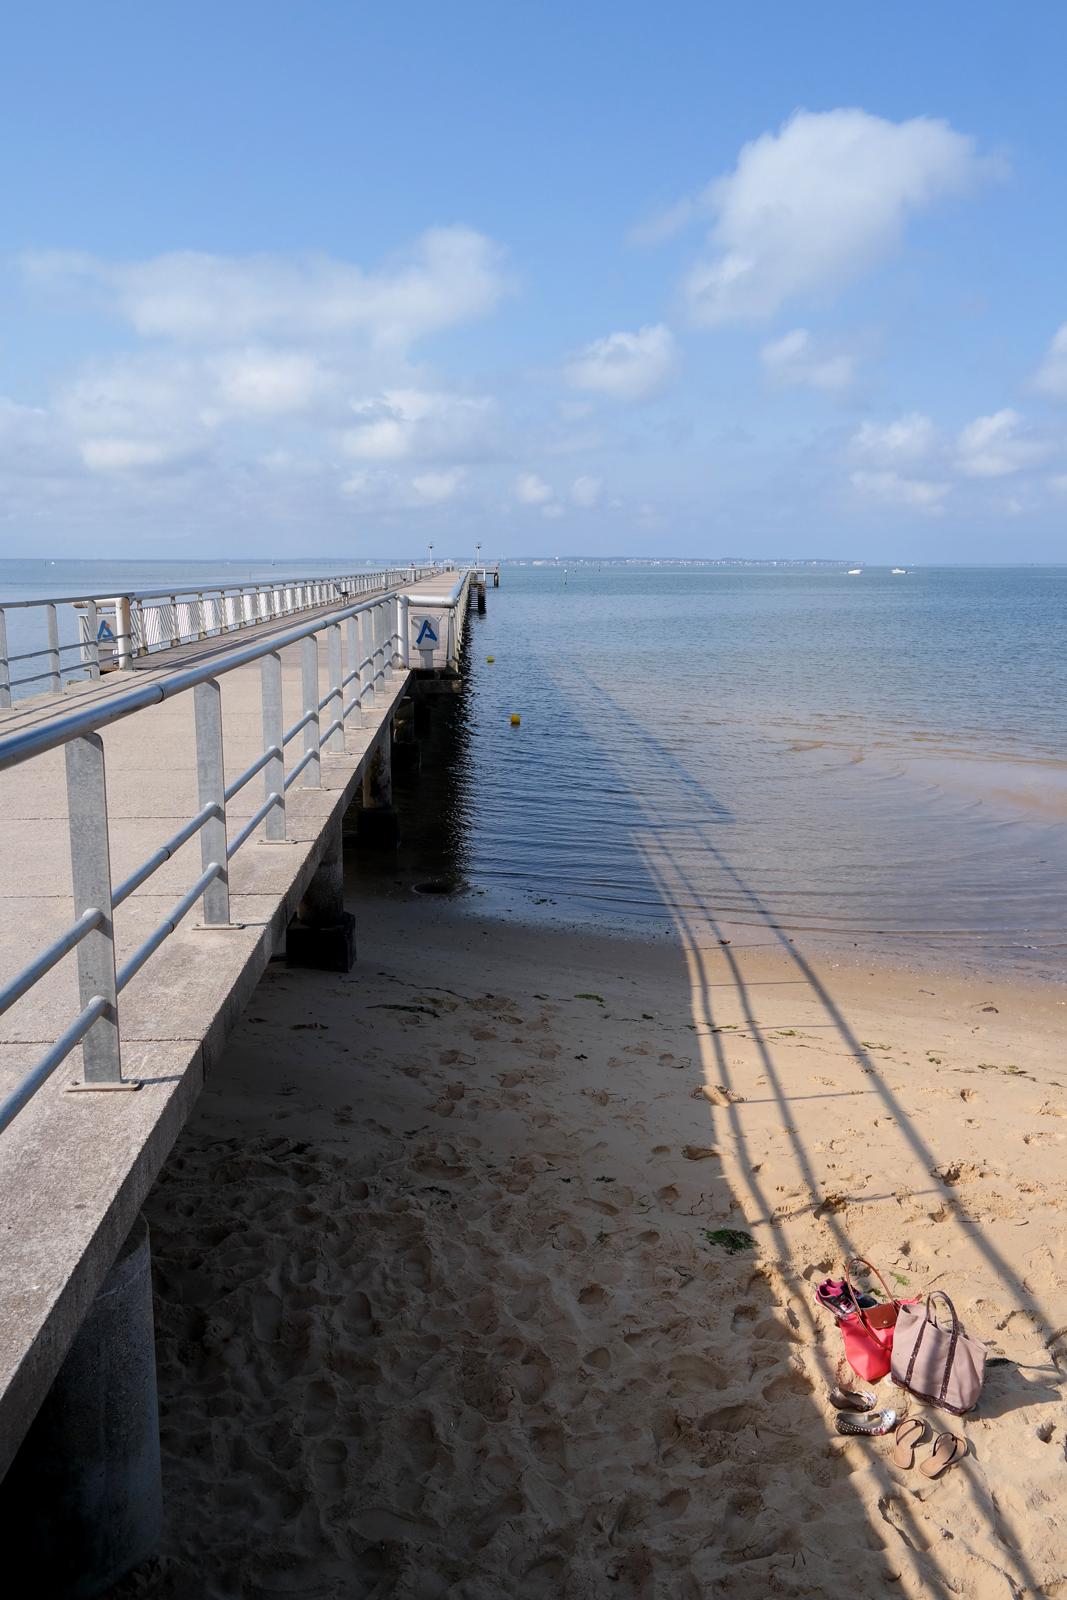 Jetée-promenade-et-plage-de-sable-ville-Andernos-les-Bains-Bassin-d-Arcachon-vraies-vacances-soleil-vue-Gironde-Aquitaine-photo-by-United-States-of-Paris-blog